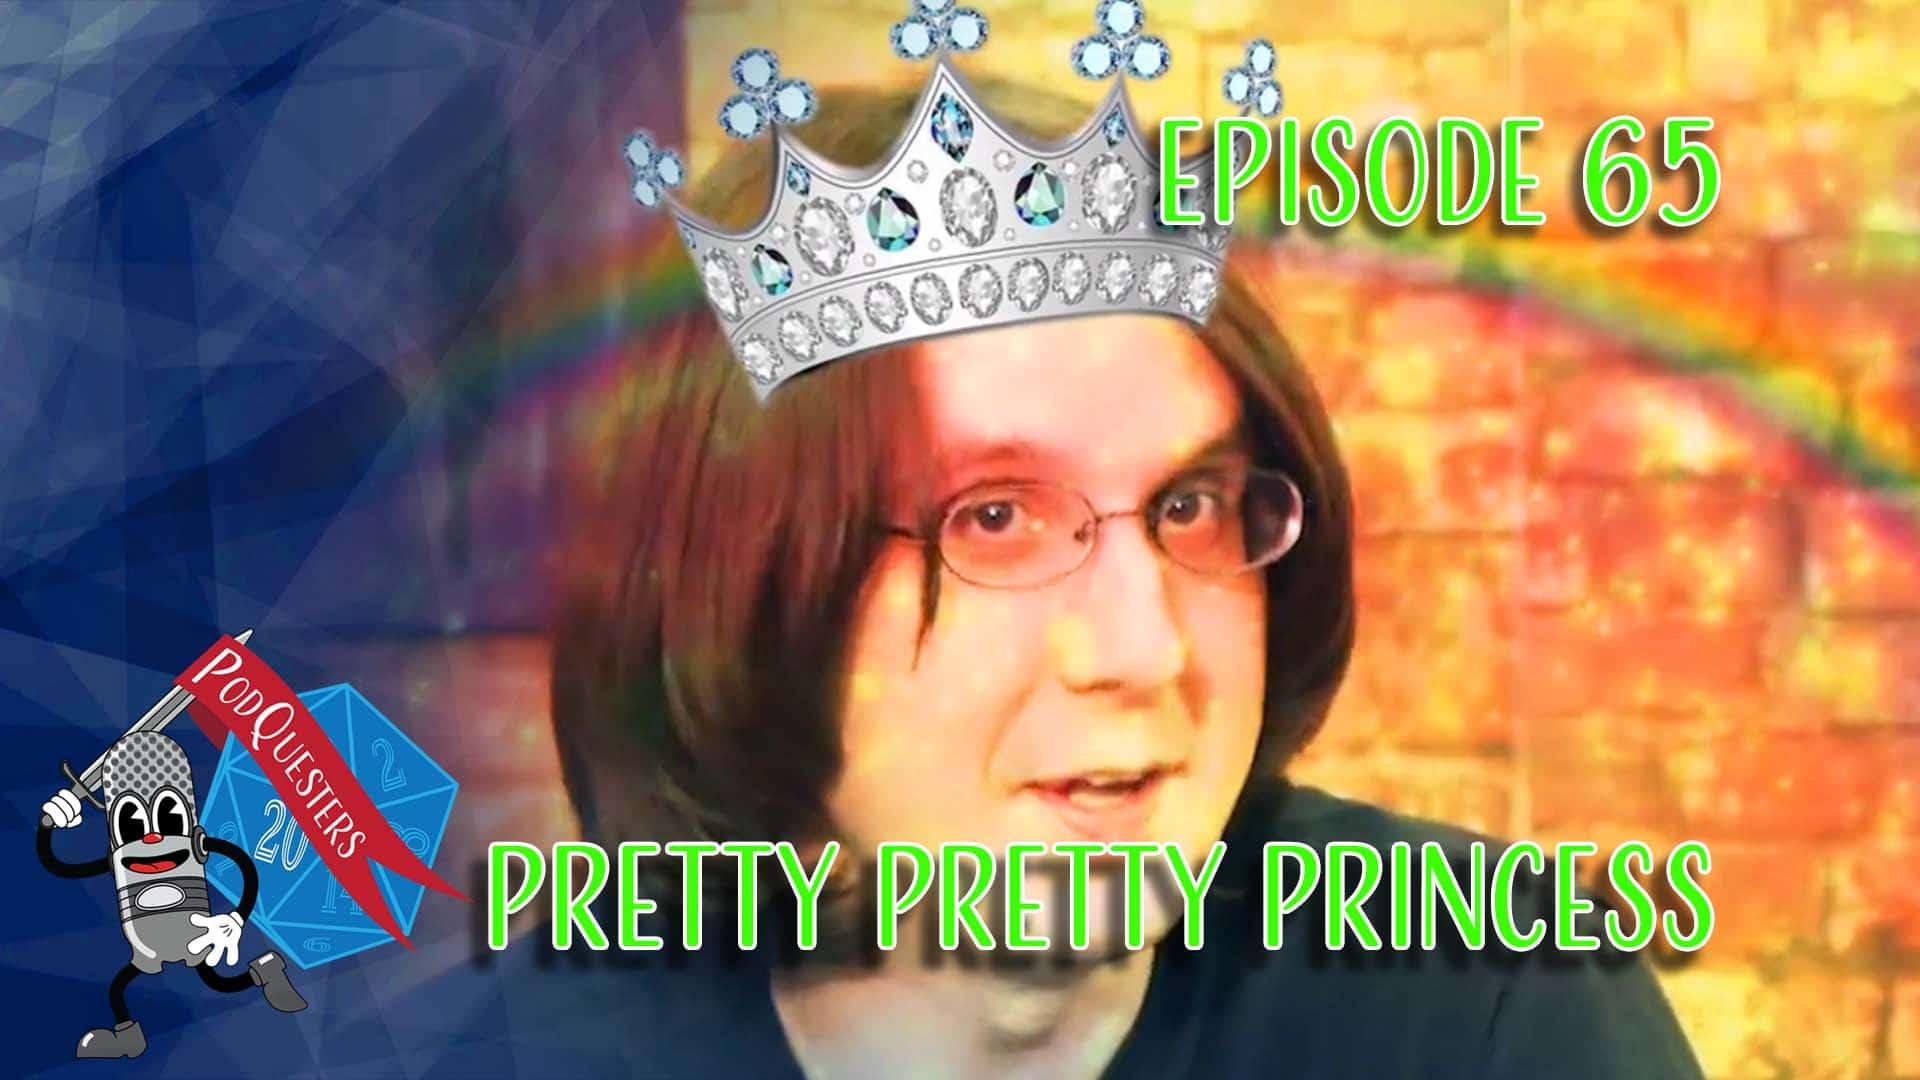 Podquesters - Episode 65: Pretty Pretty Princess